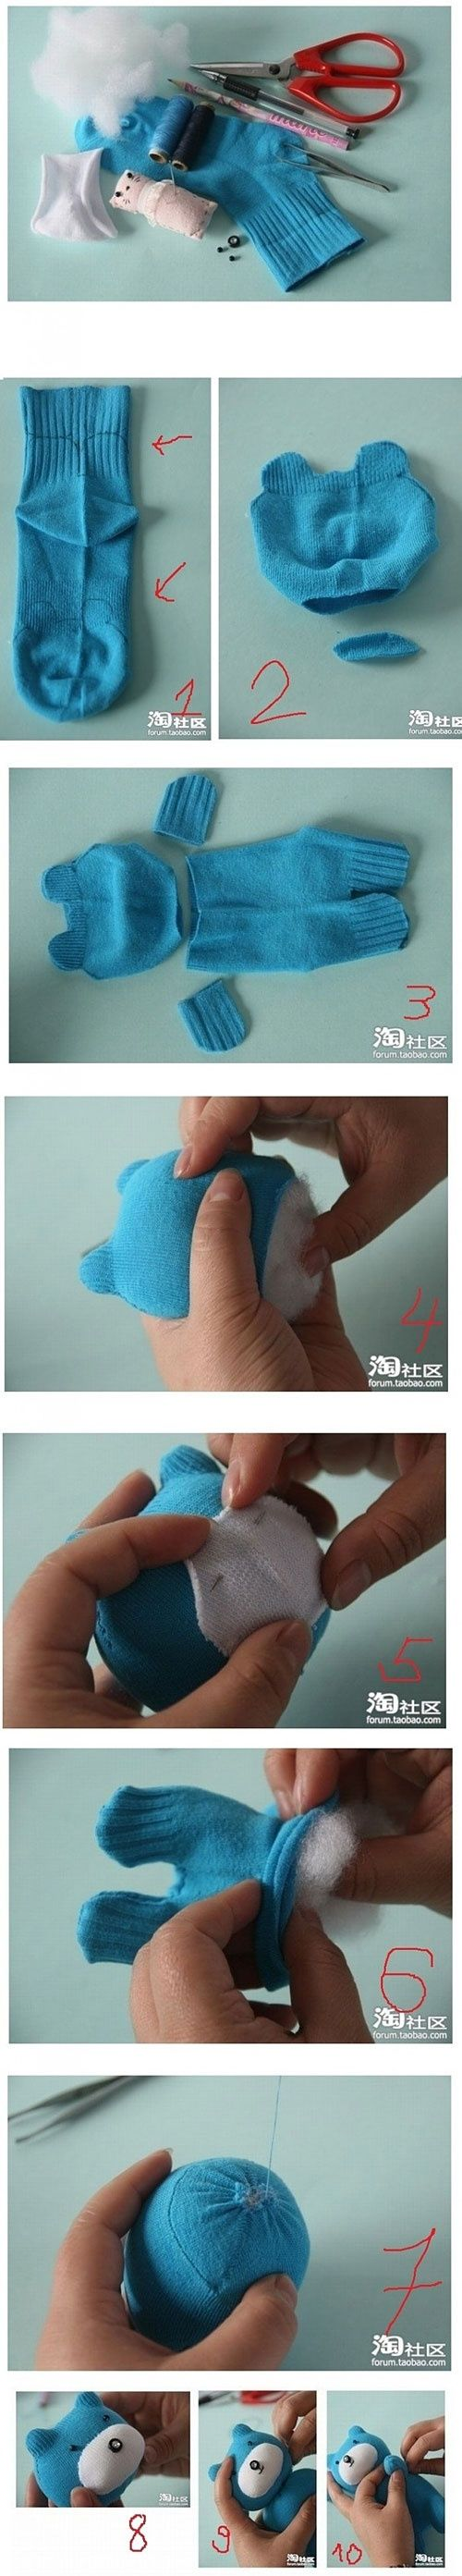 Cómo hacer muñecos con calcetines y guantes | La Pequeña Cristinita